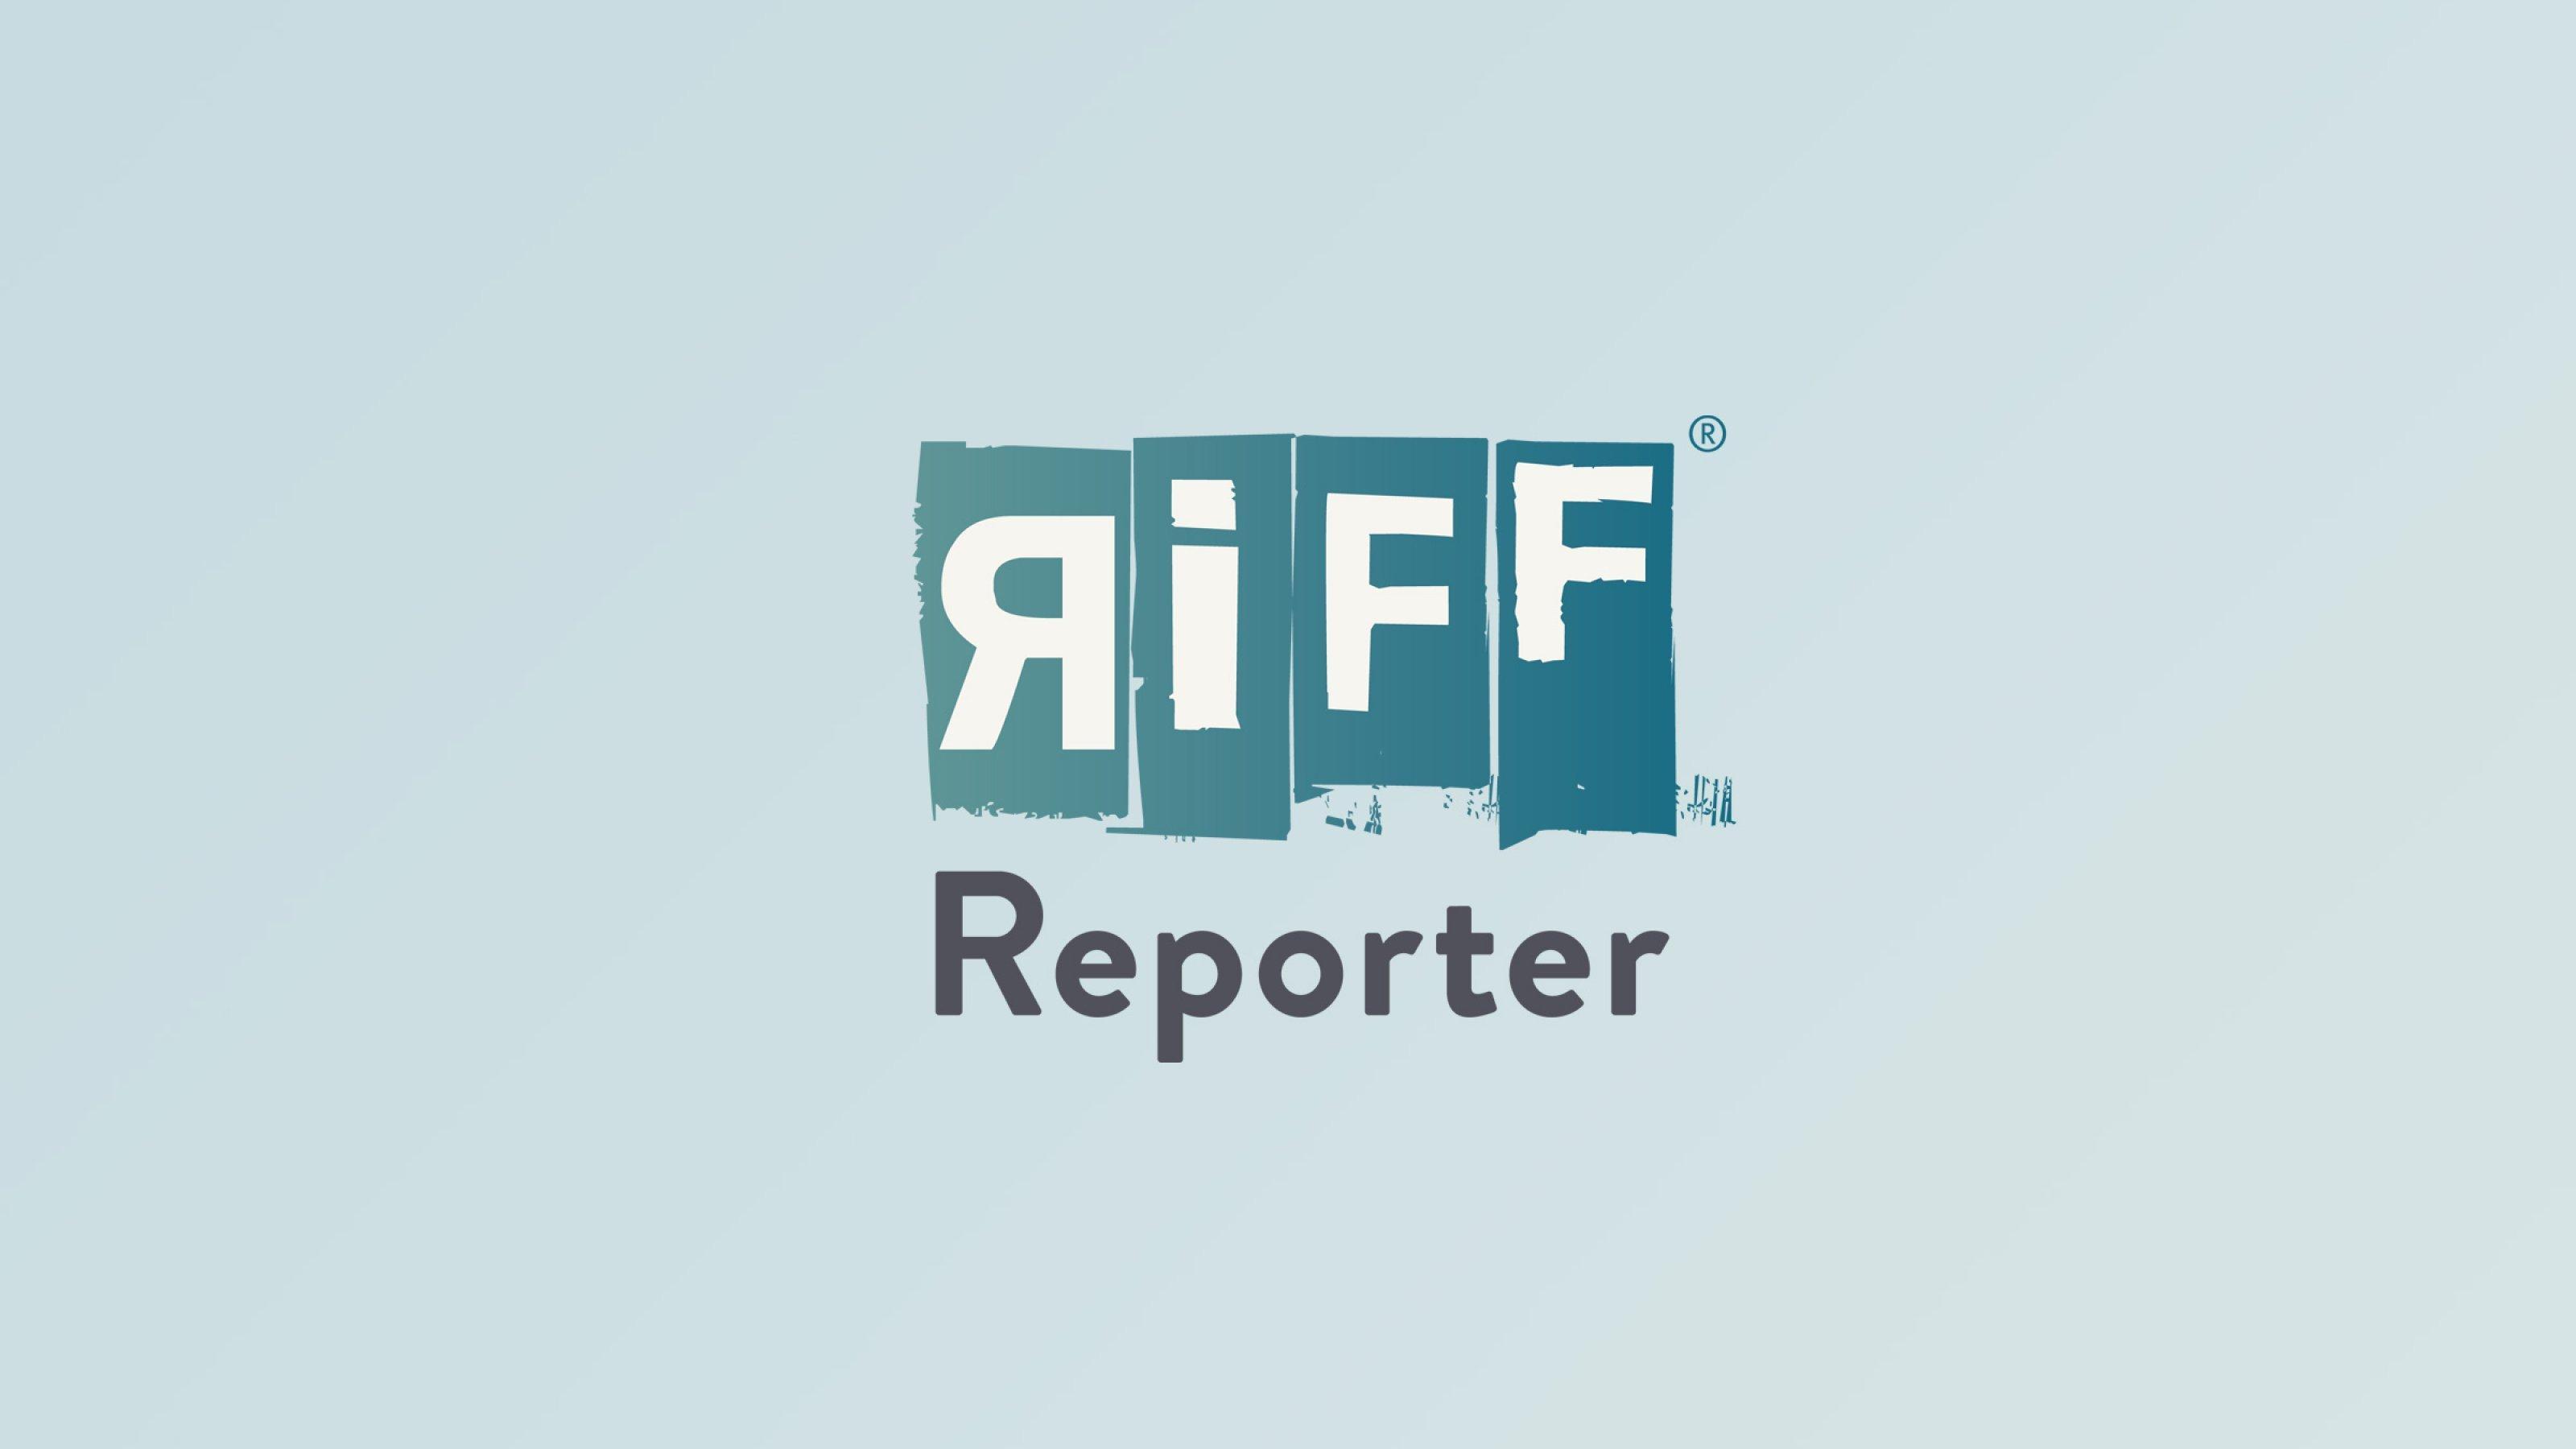 Kunststoff-Verpackungen wie PET-Flaschen und Plastik-Schalen landen jeden Tag im Müll. Viel Abfall lässt sich vermeiden.